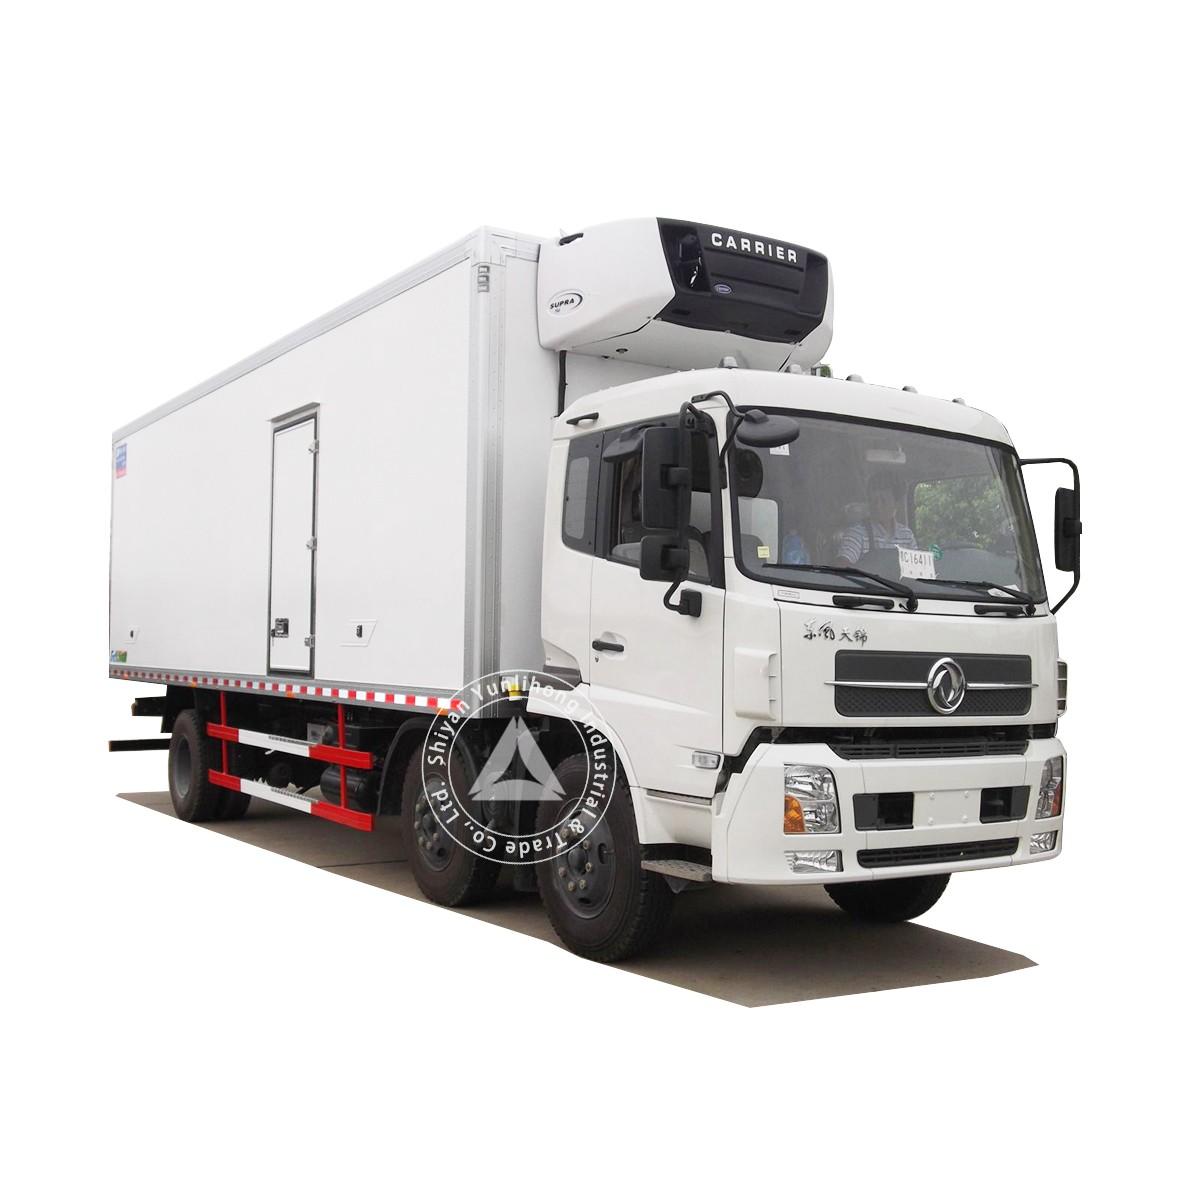 دونغفنغ KR 4x2 GVW 16 طن مدينة توزيع مربع شاحنة نقل الهيكل